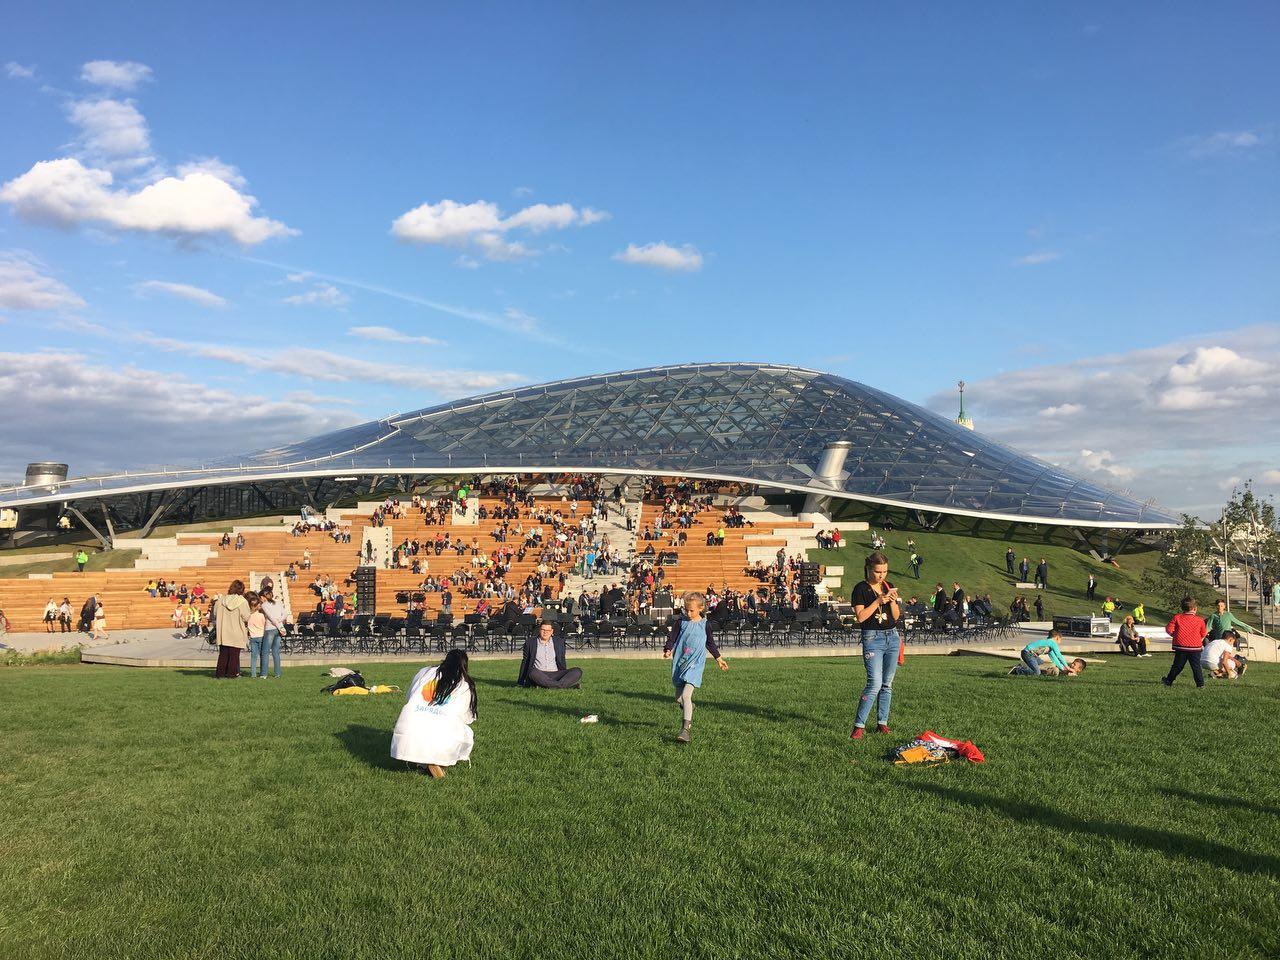 В парке «Зарядье» провели более 100 концертов с момента открытия